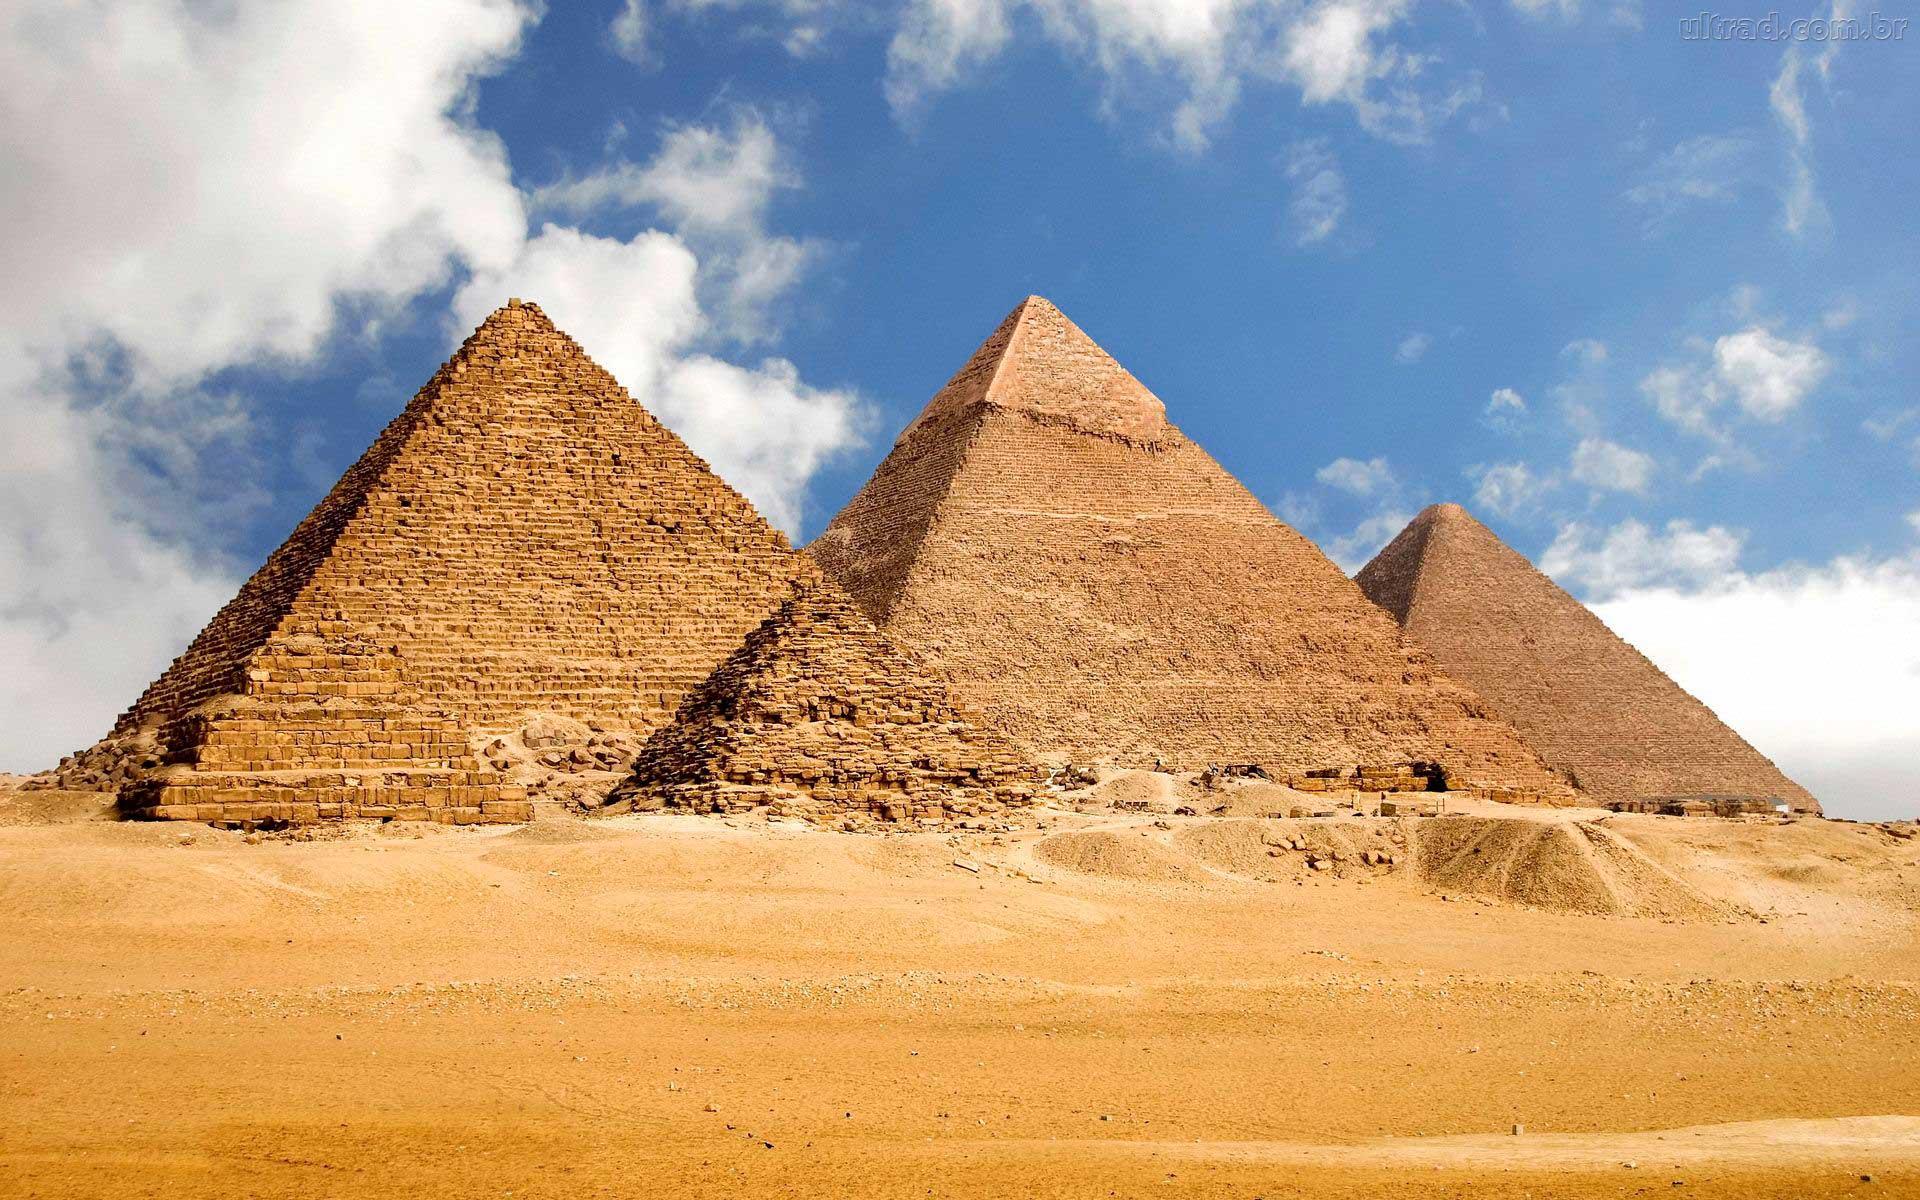 Crédito foto: http://ultradownloads.com.br/busca/egito-wallpaper-hd/2,,,,,11,2,.html